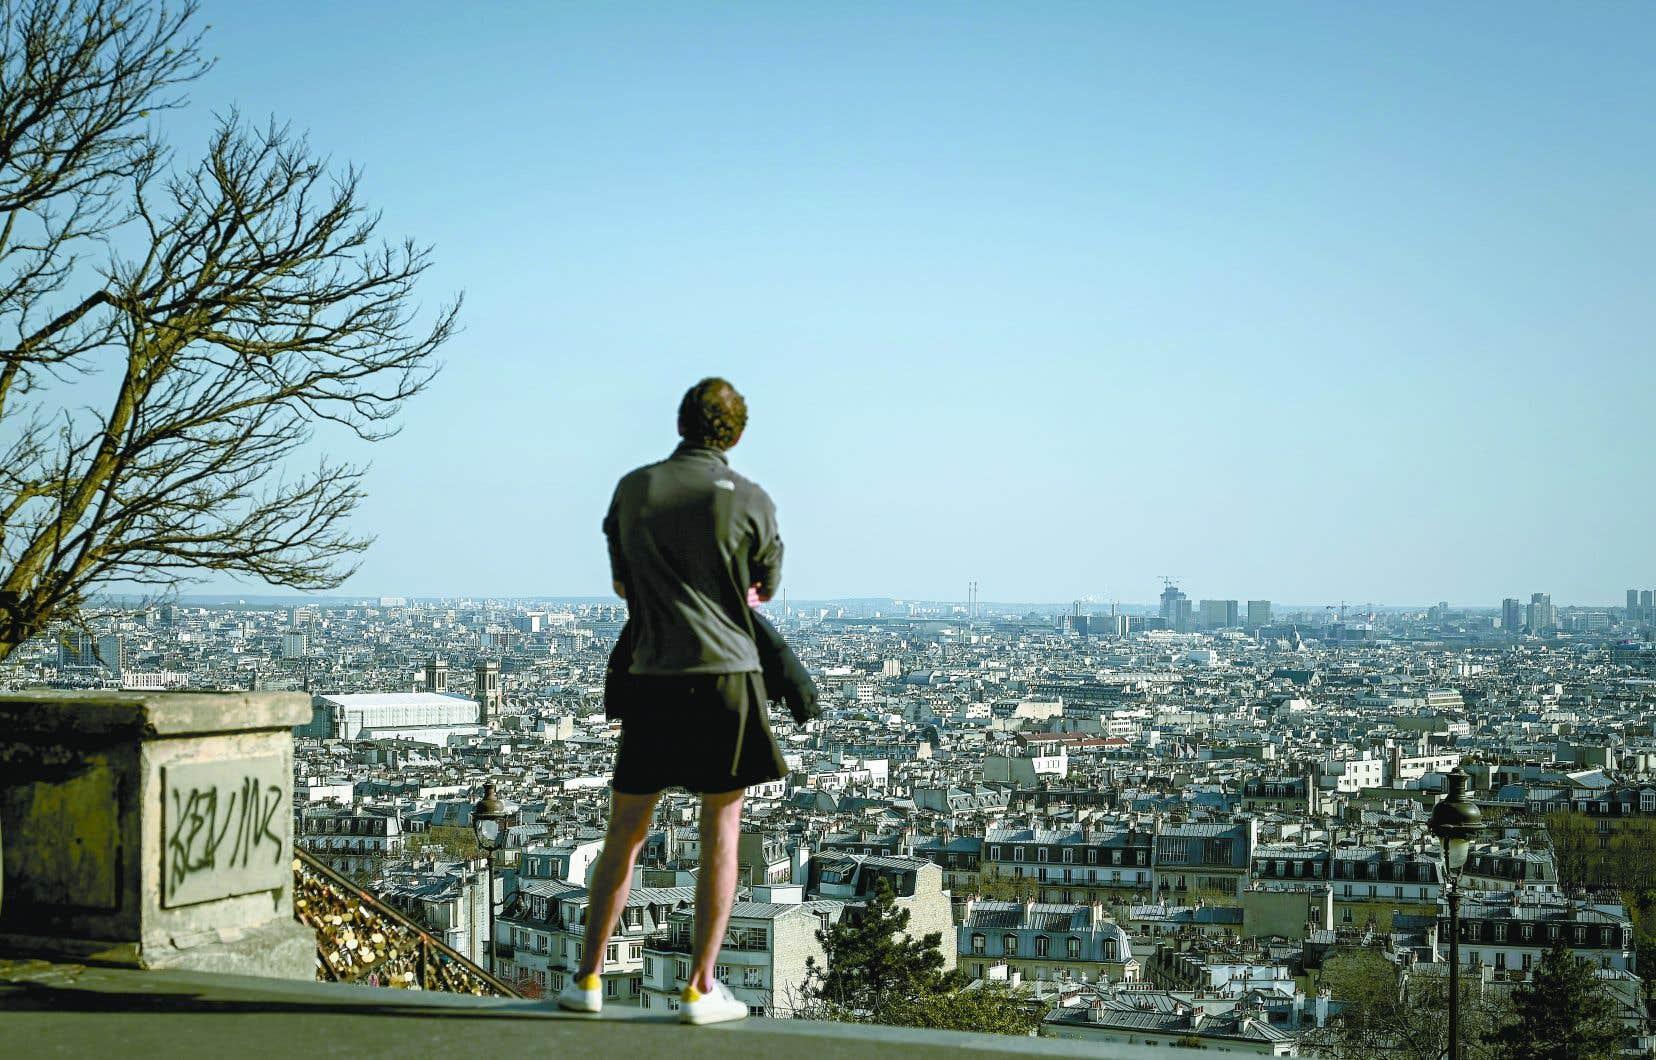 Actuellement, 2,2 millions de salariés français sont déjà au chômage partiel, mais ce chiffre pourrait bientôt atteindre 5,7 millions.